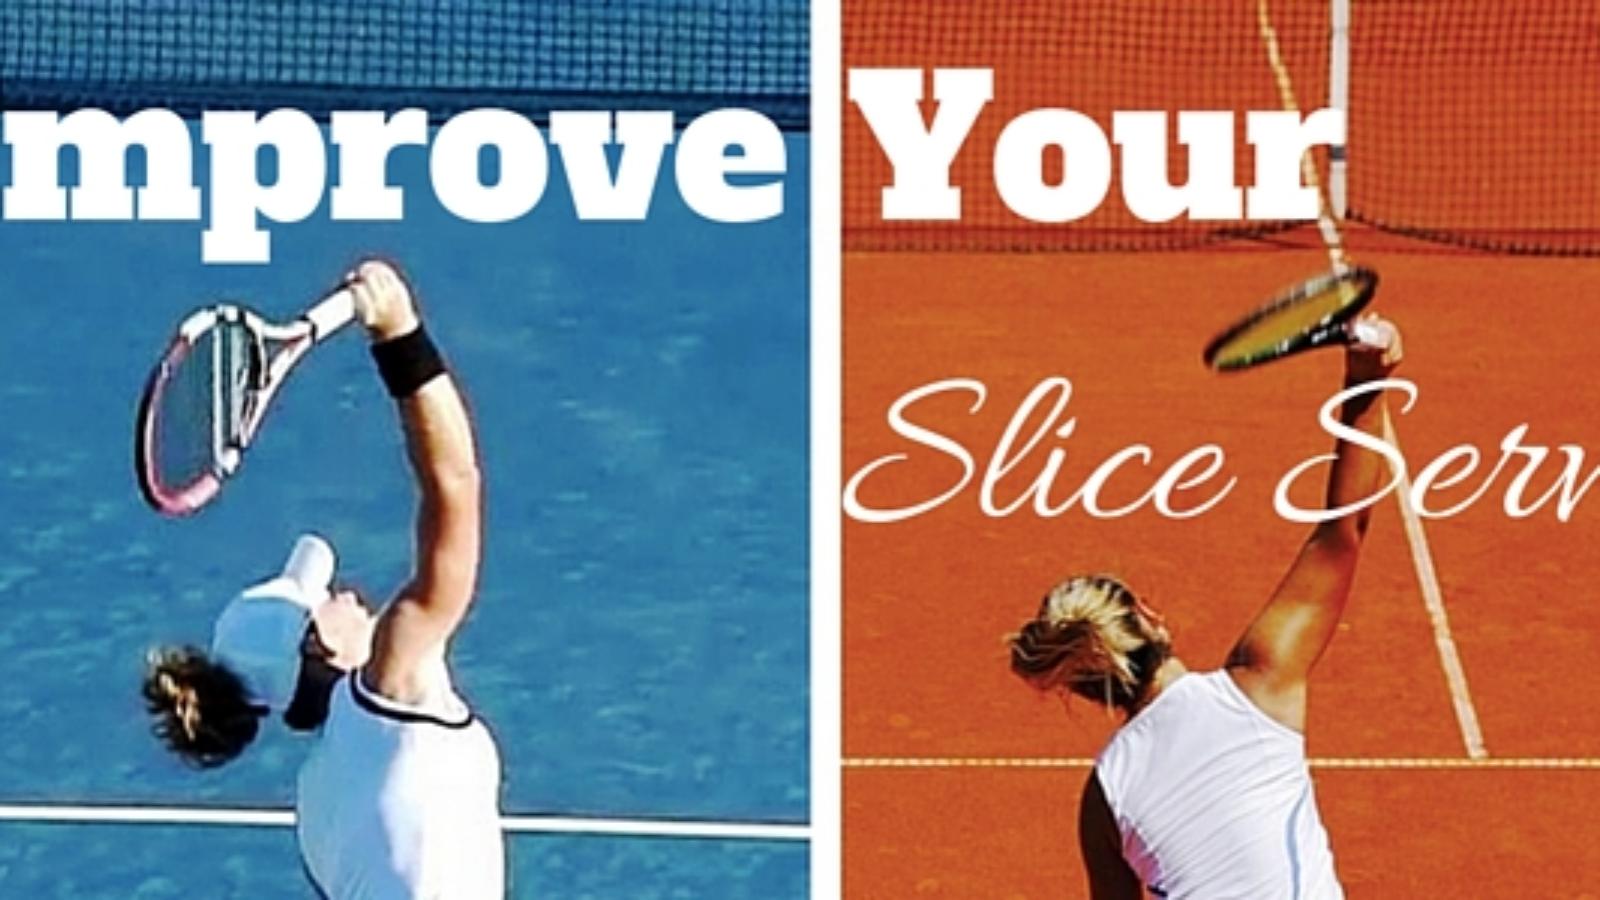 Improve YourSlice Serve